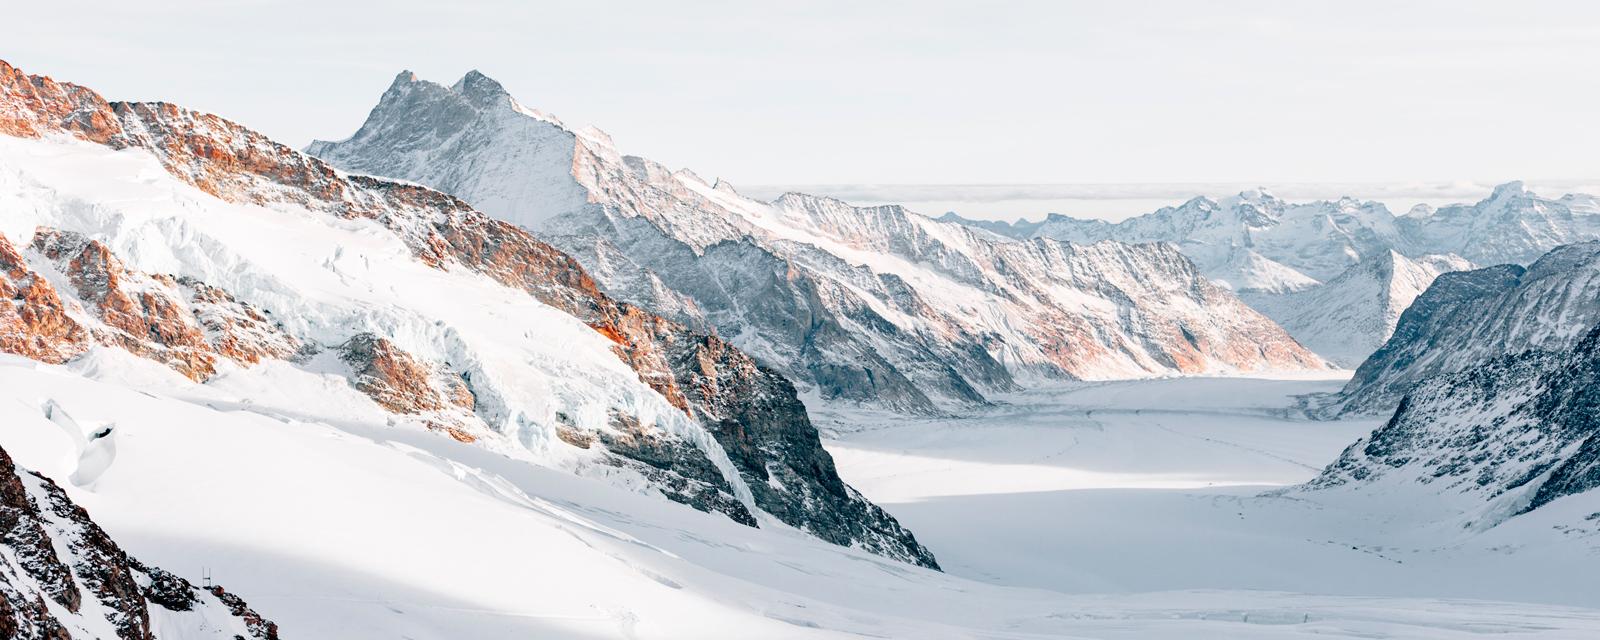 SMS para estaciones de esquí